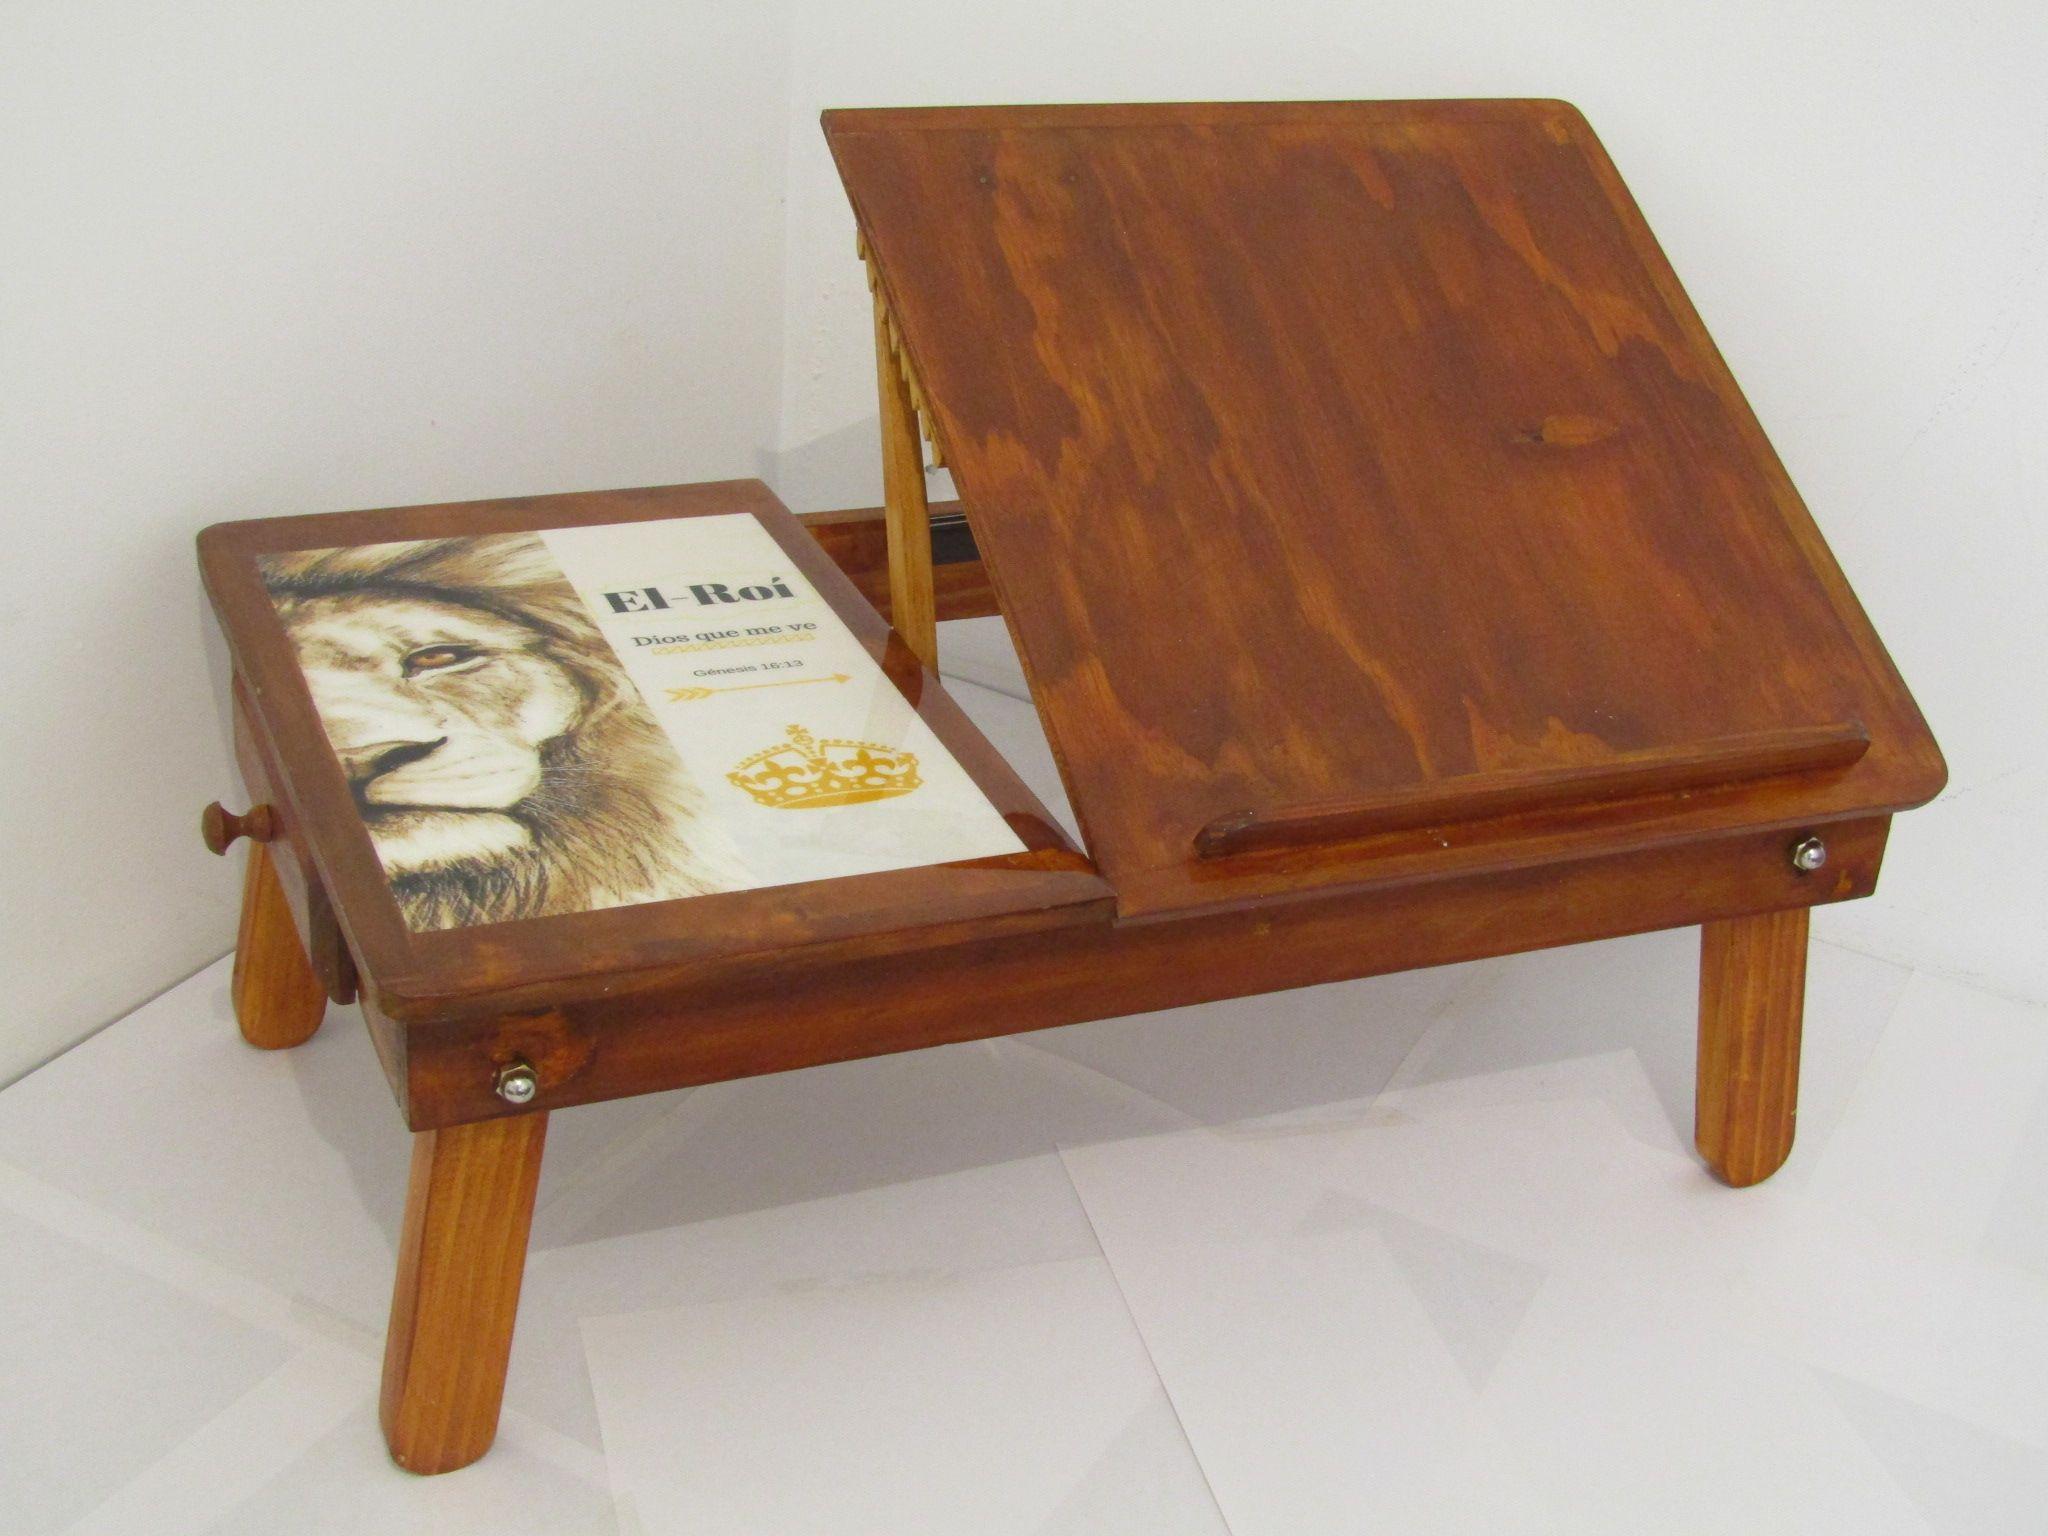 Mesa en madera para hacer el devocional en la comodidad de la cama o ...